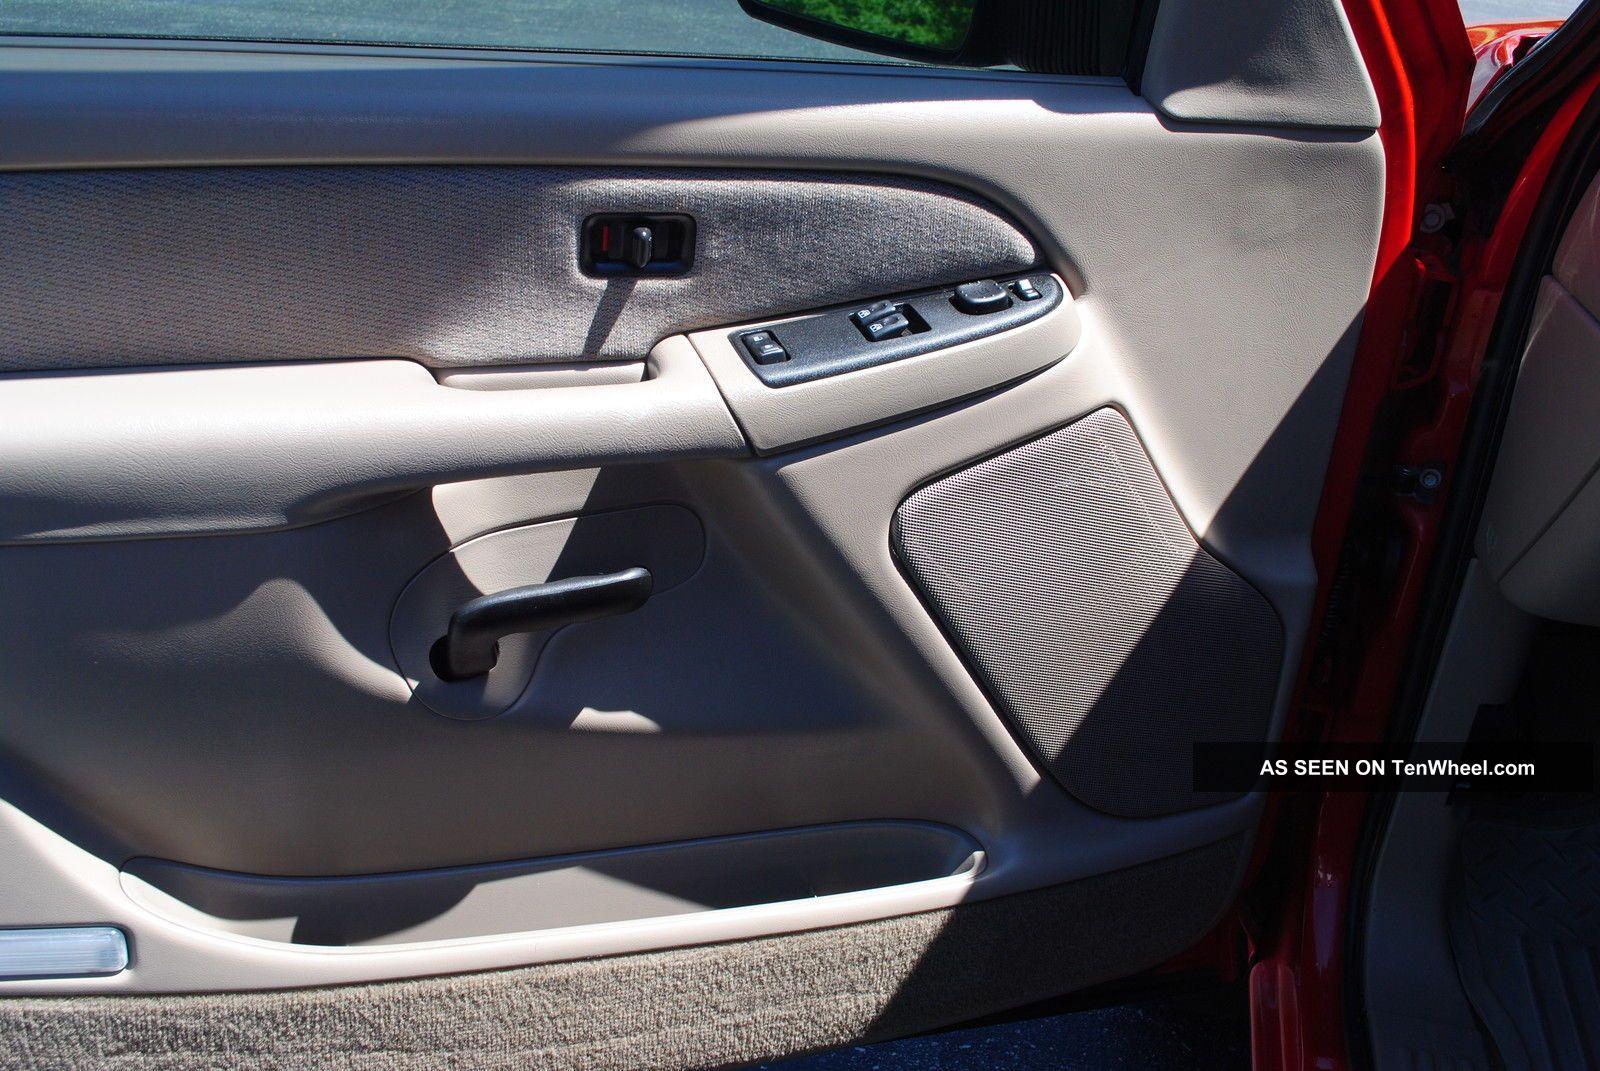 2014 Dodge Ram 3500 Diesel 6spd Manual Transmission Html